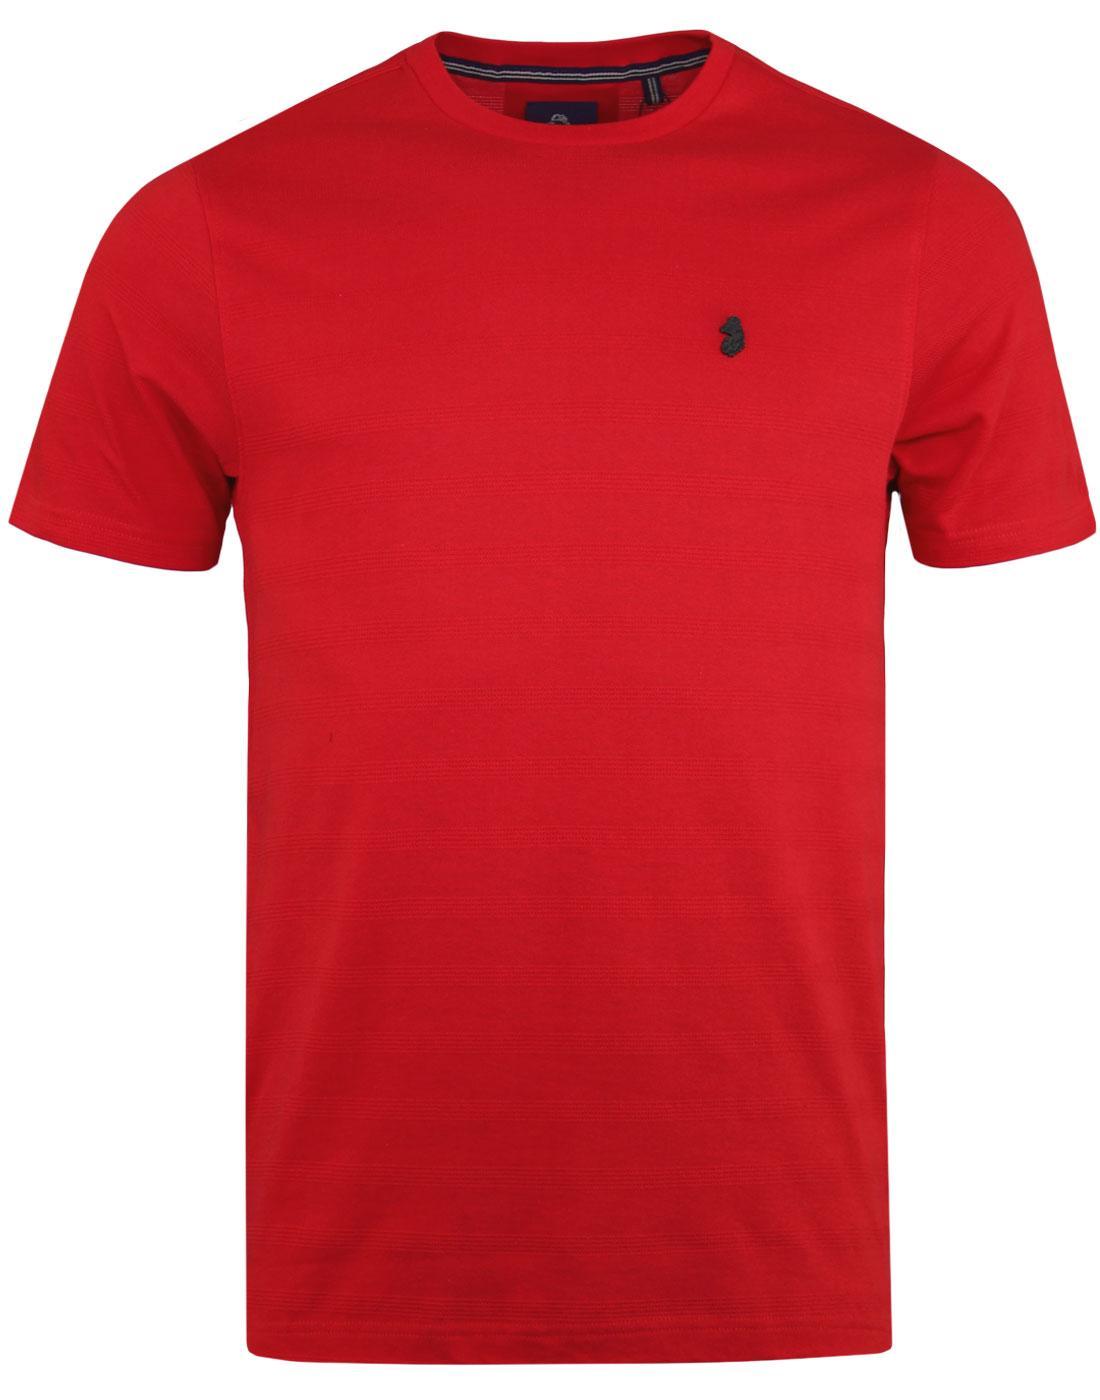 Cultraised LUKE Retro Micro Rib Crew T-shirt RED